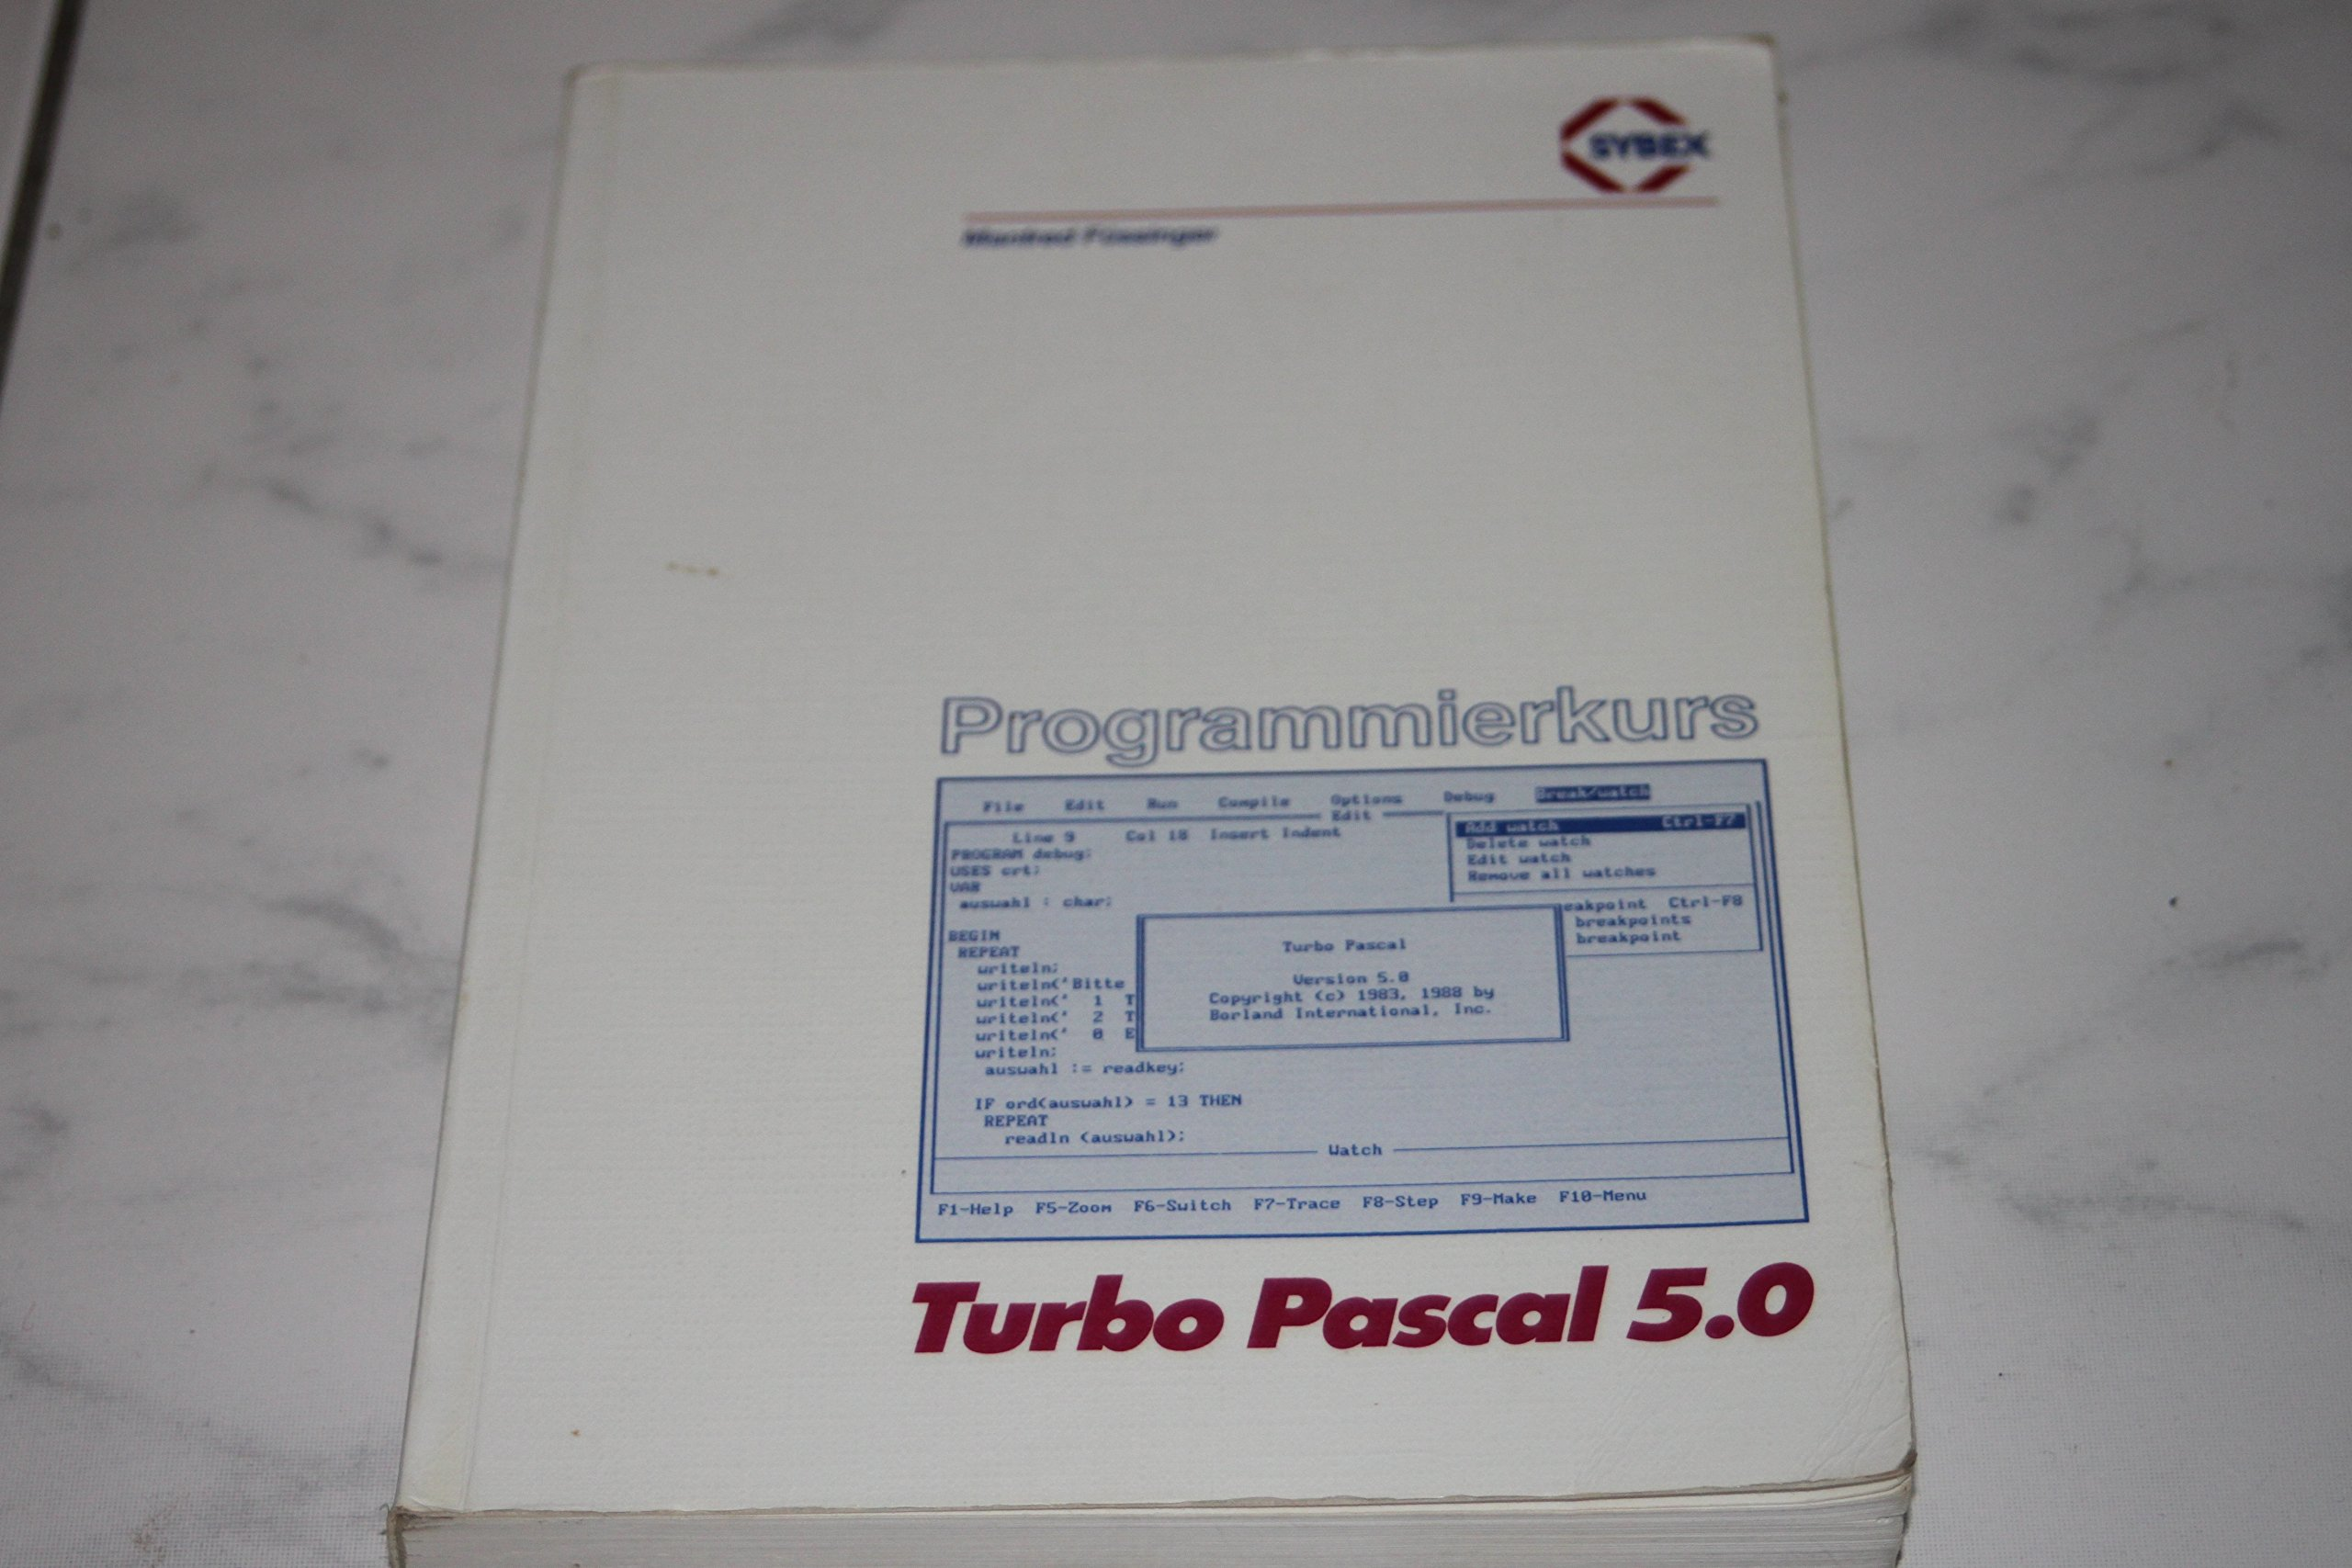 Programmierkurs Turbo Pascal 5.0: Amazon.es: Manfred Füssinger: Libros en idiomas extranjeros